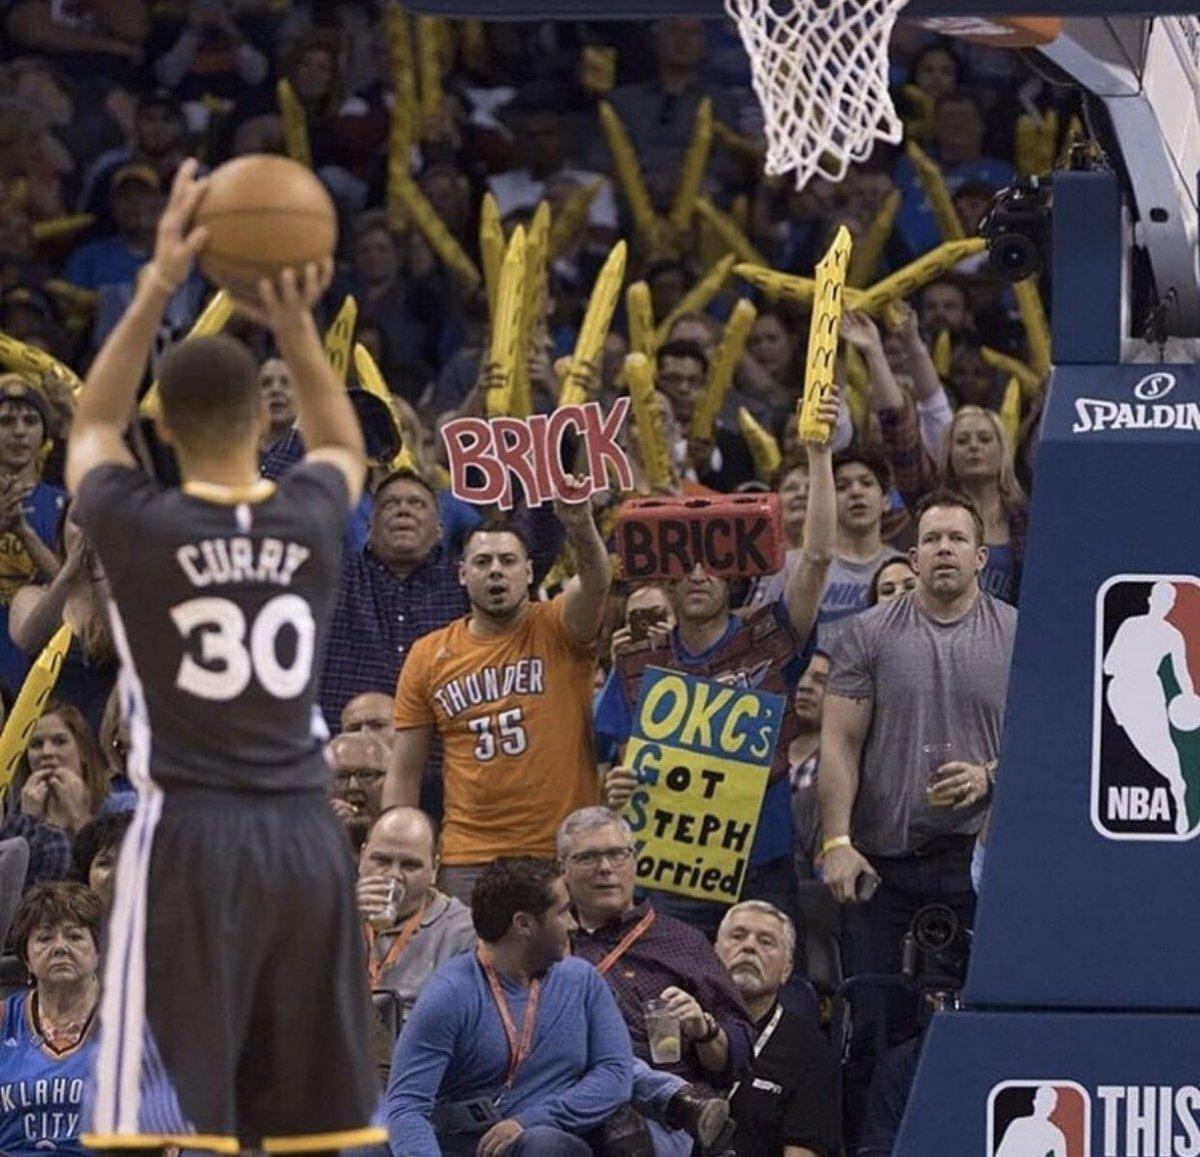 @NBA @StephenCurry30 https://t.co/fUHsCWCG5n